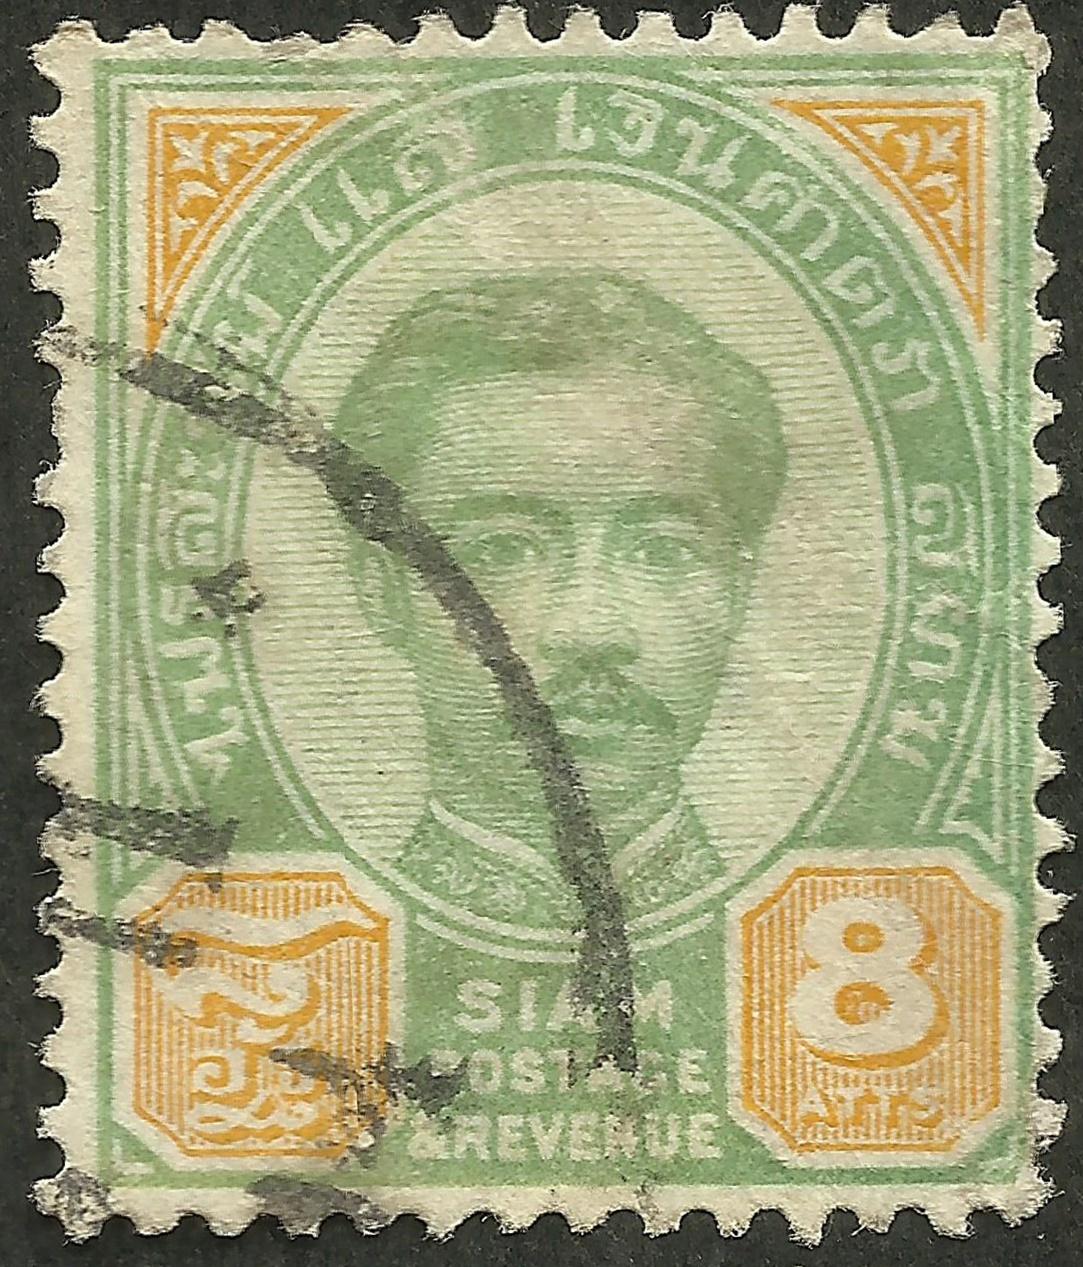 Siam - Scott #15 (1887)